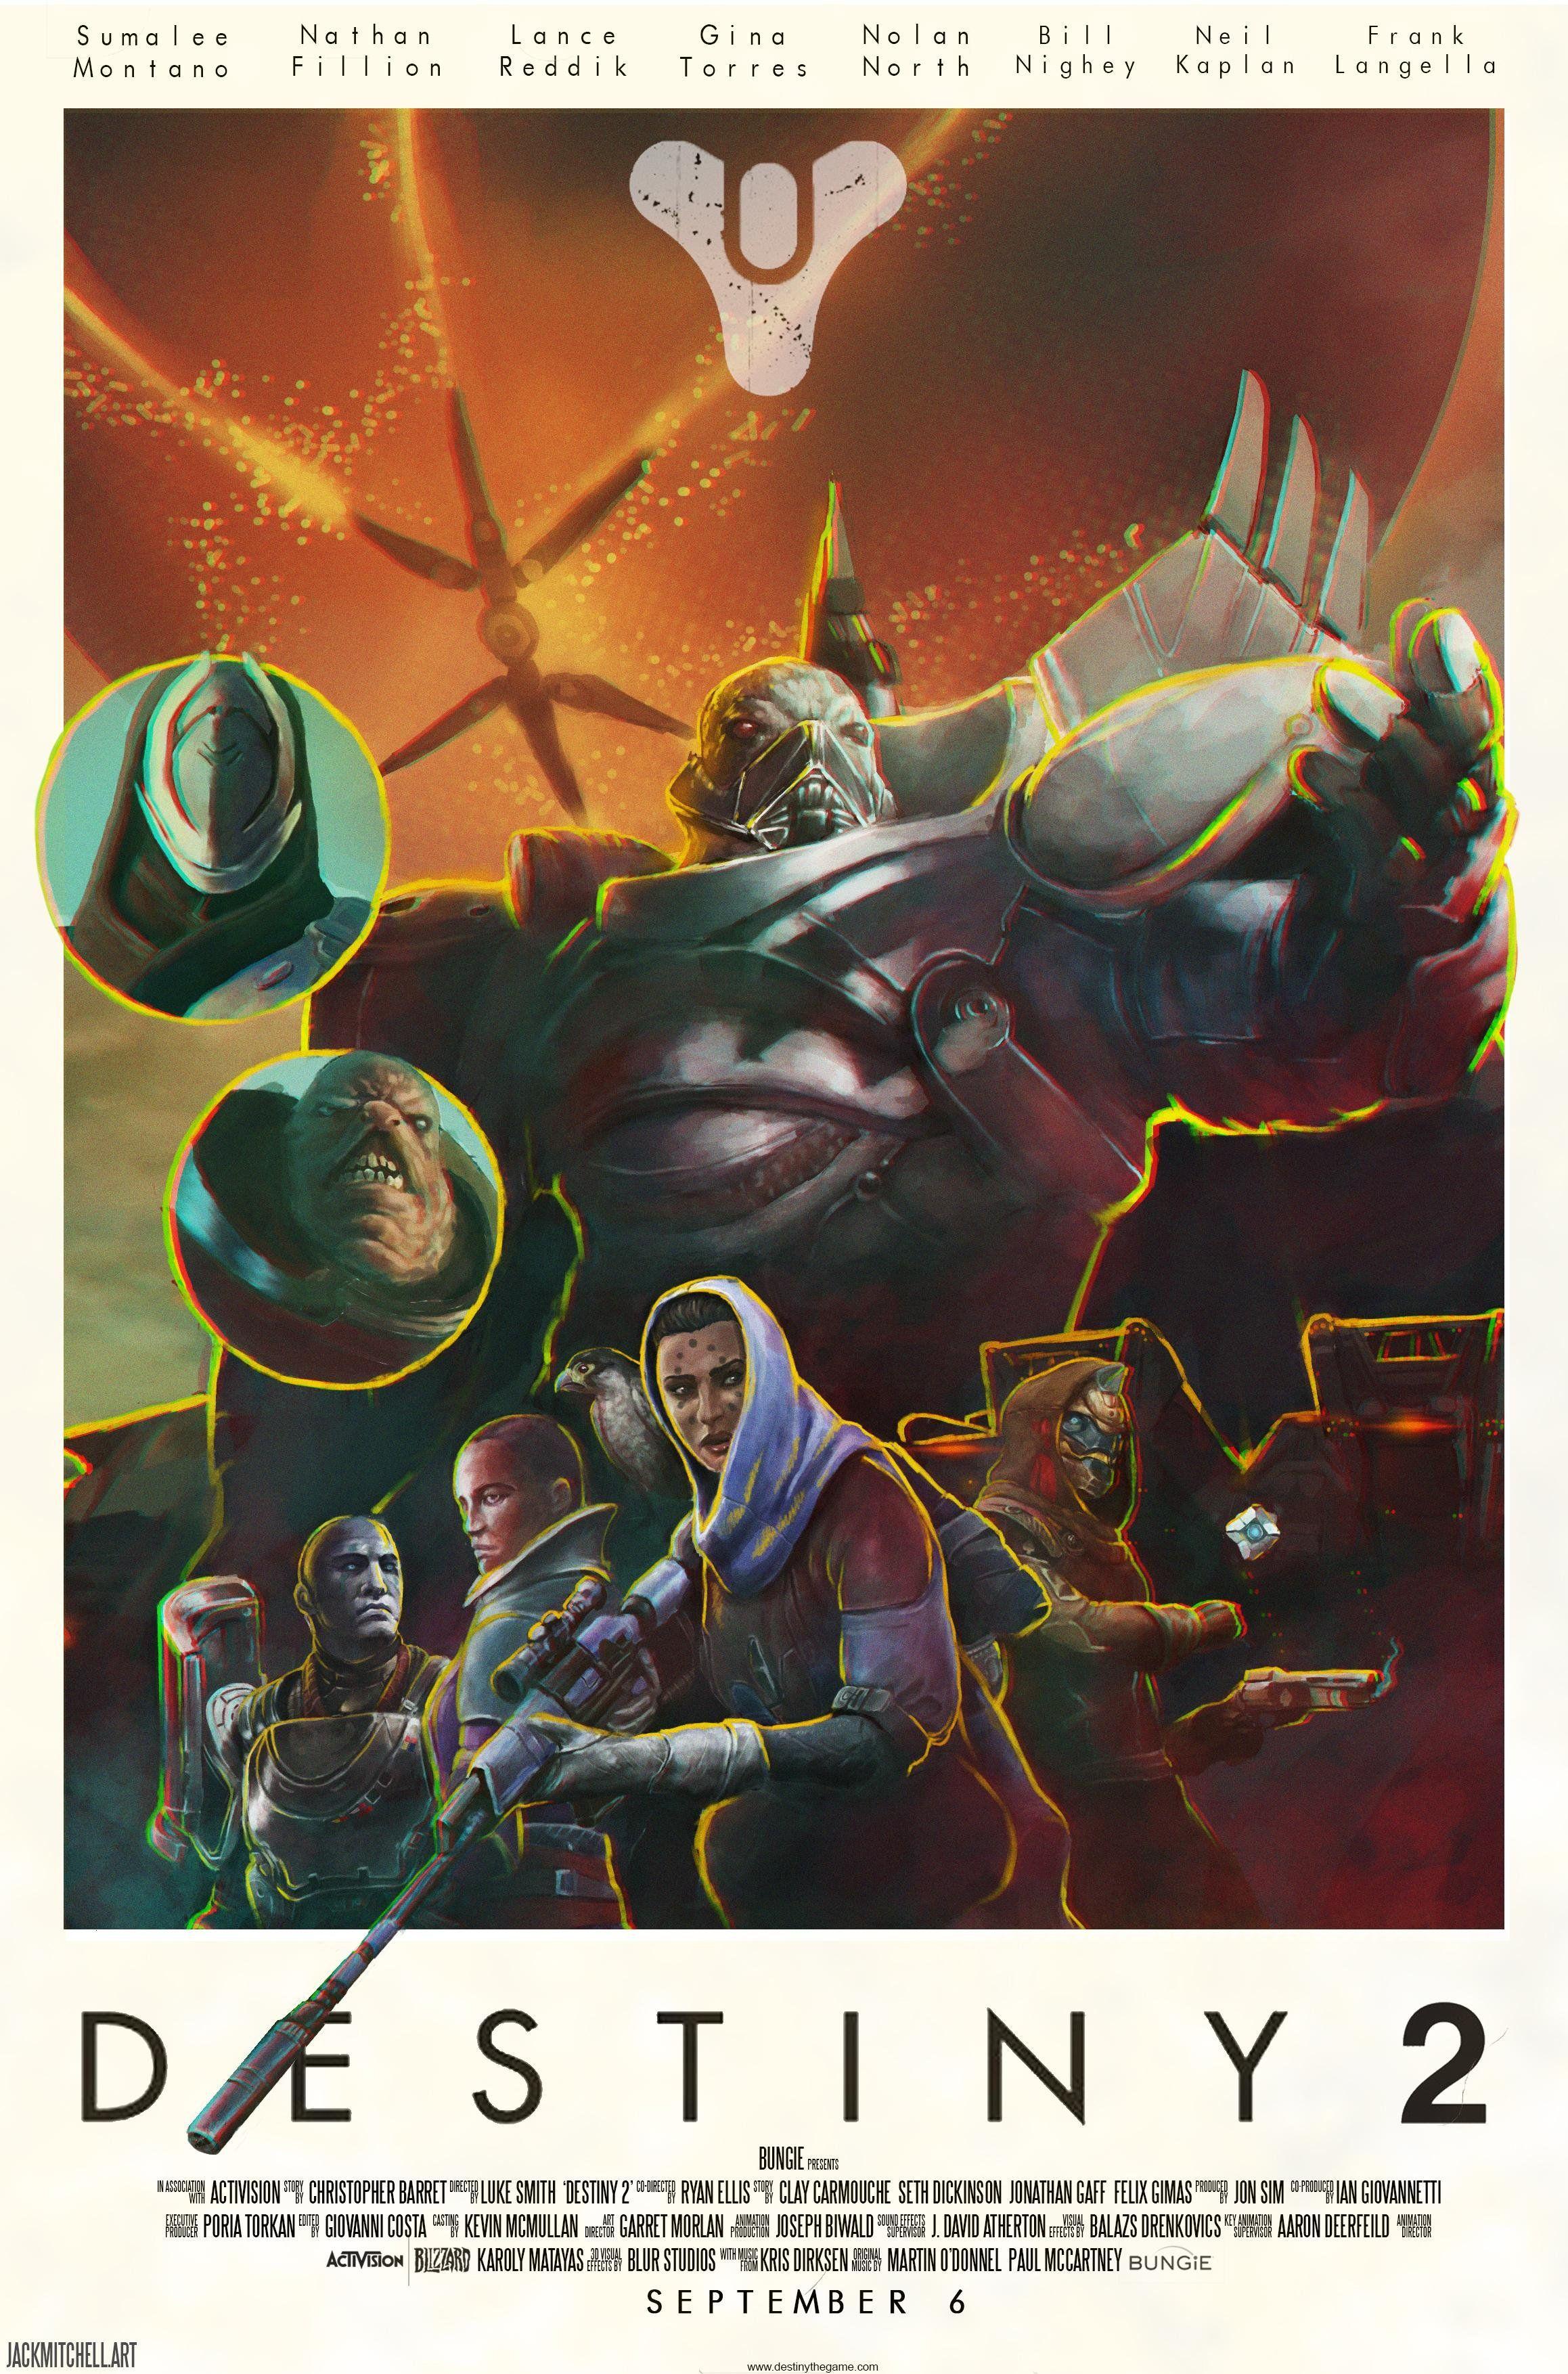 destiny game fan poster